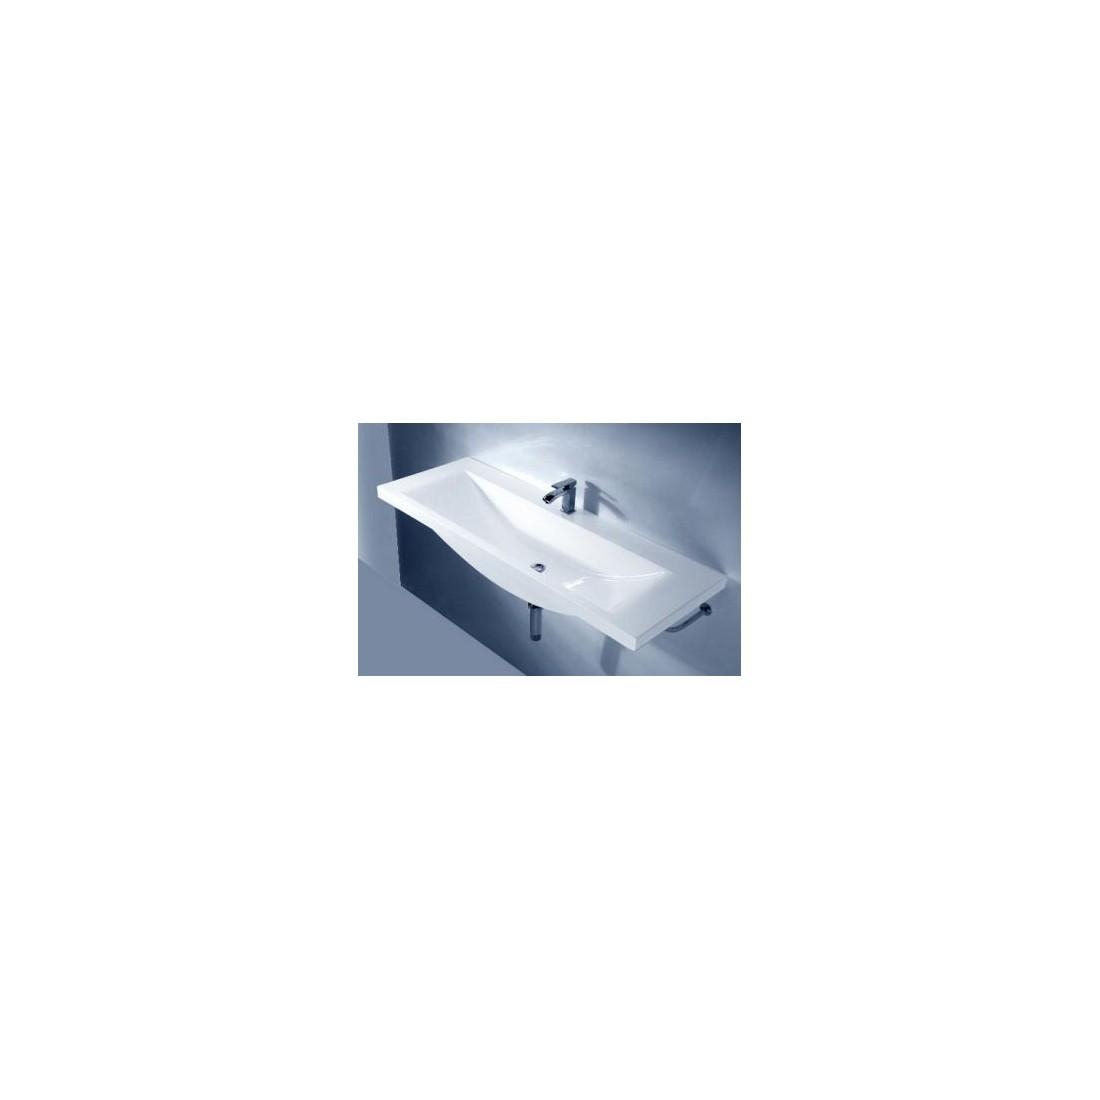 Praustuvas VISPOOL Q-1400, 140x50